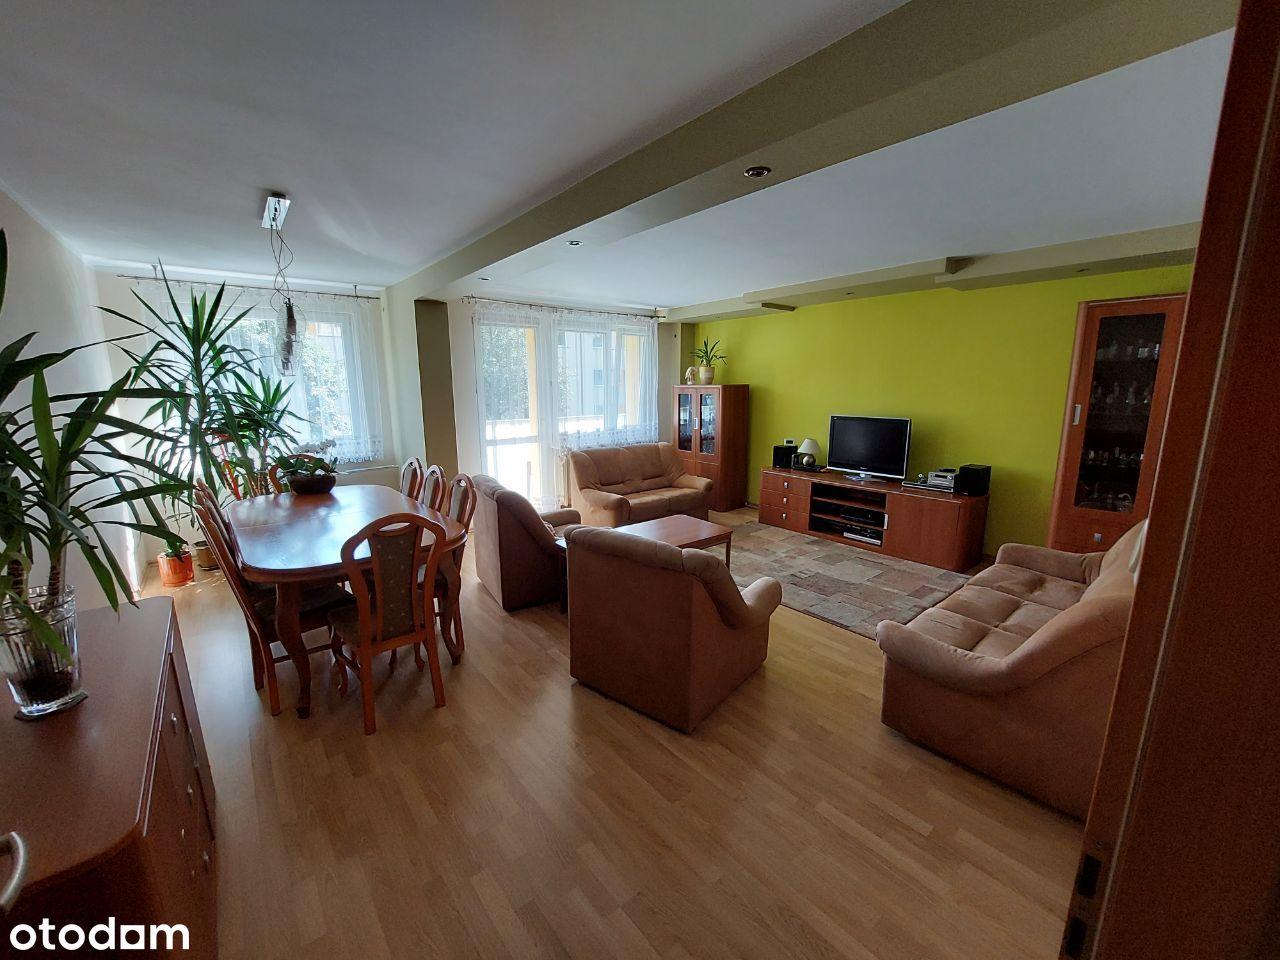 Mieszkanie 76,8 m2, 3 pokoje,balkon,z WYPOSAŻENIEM